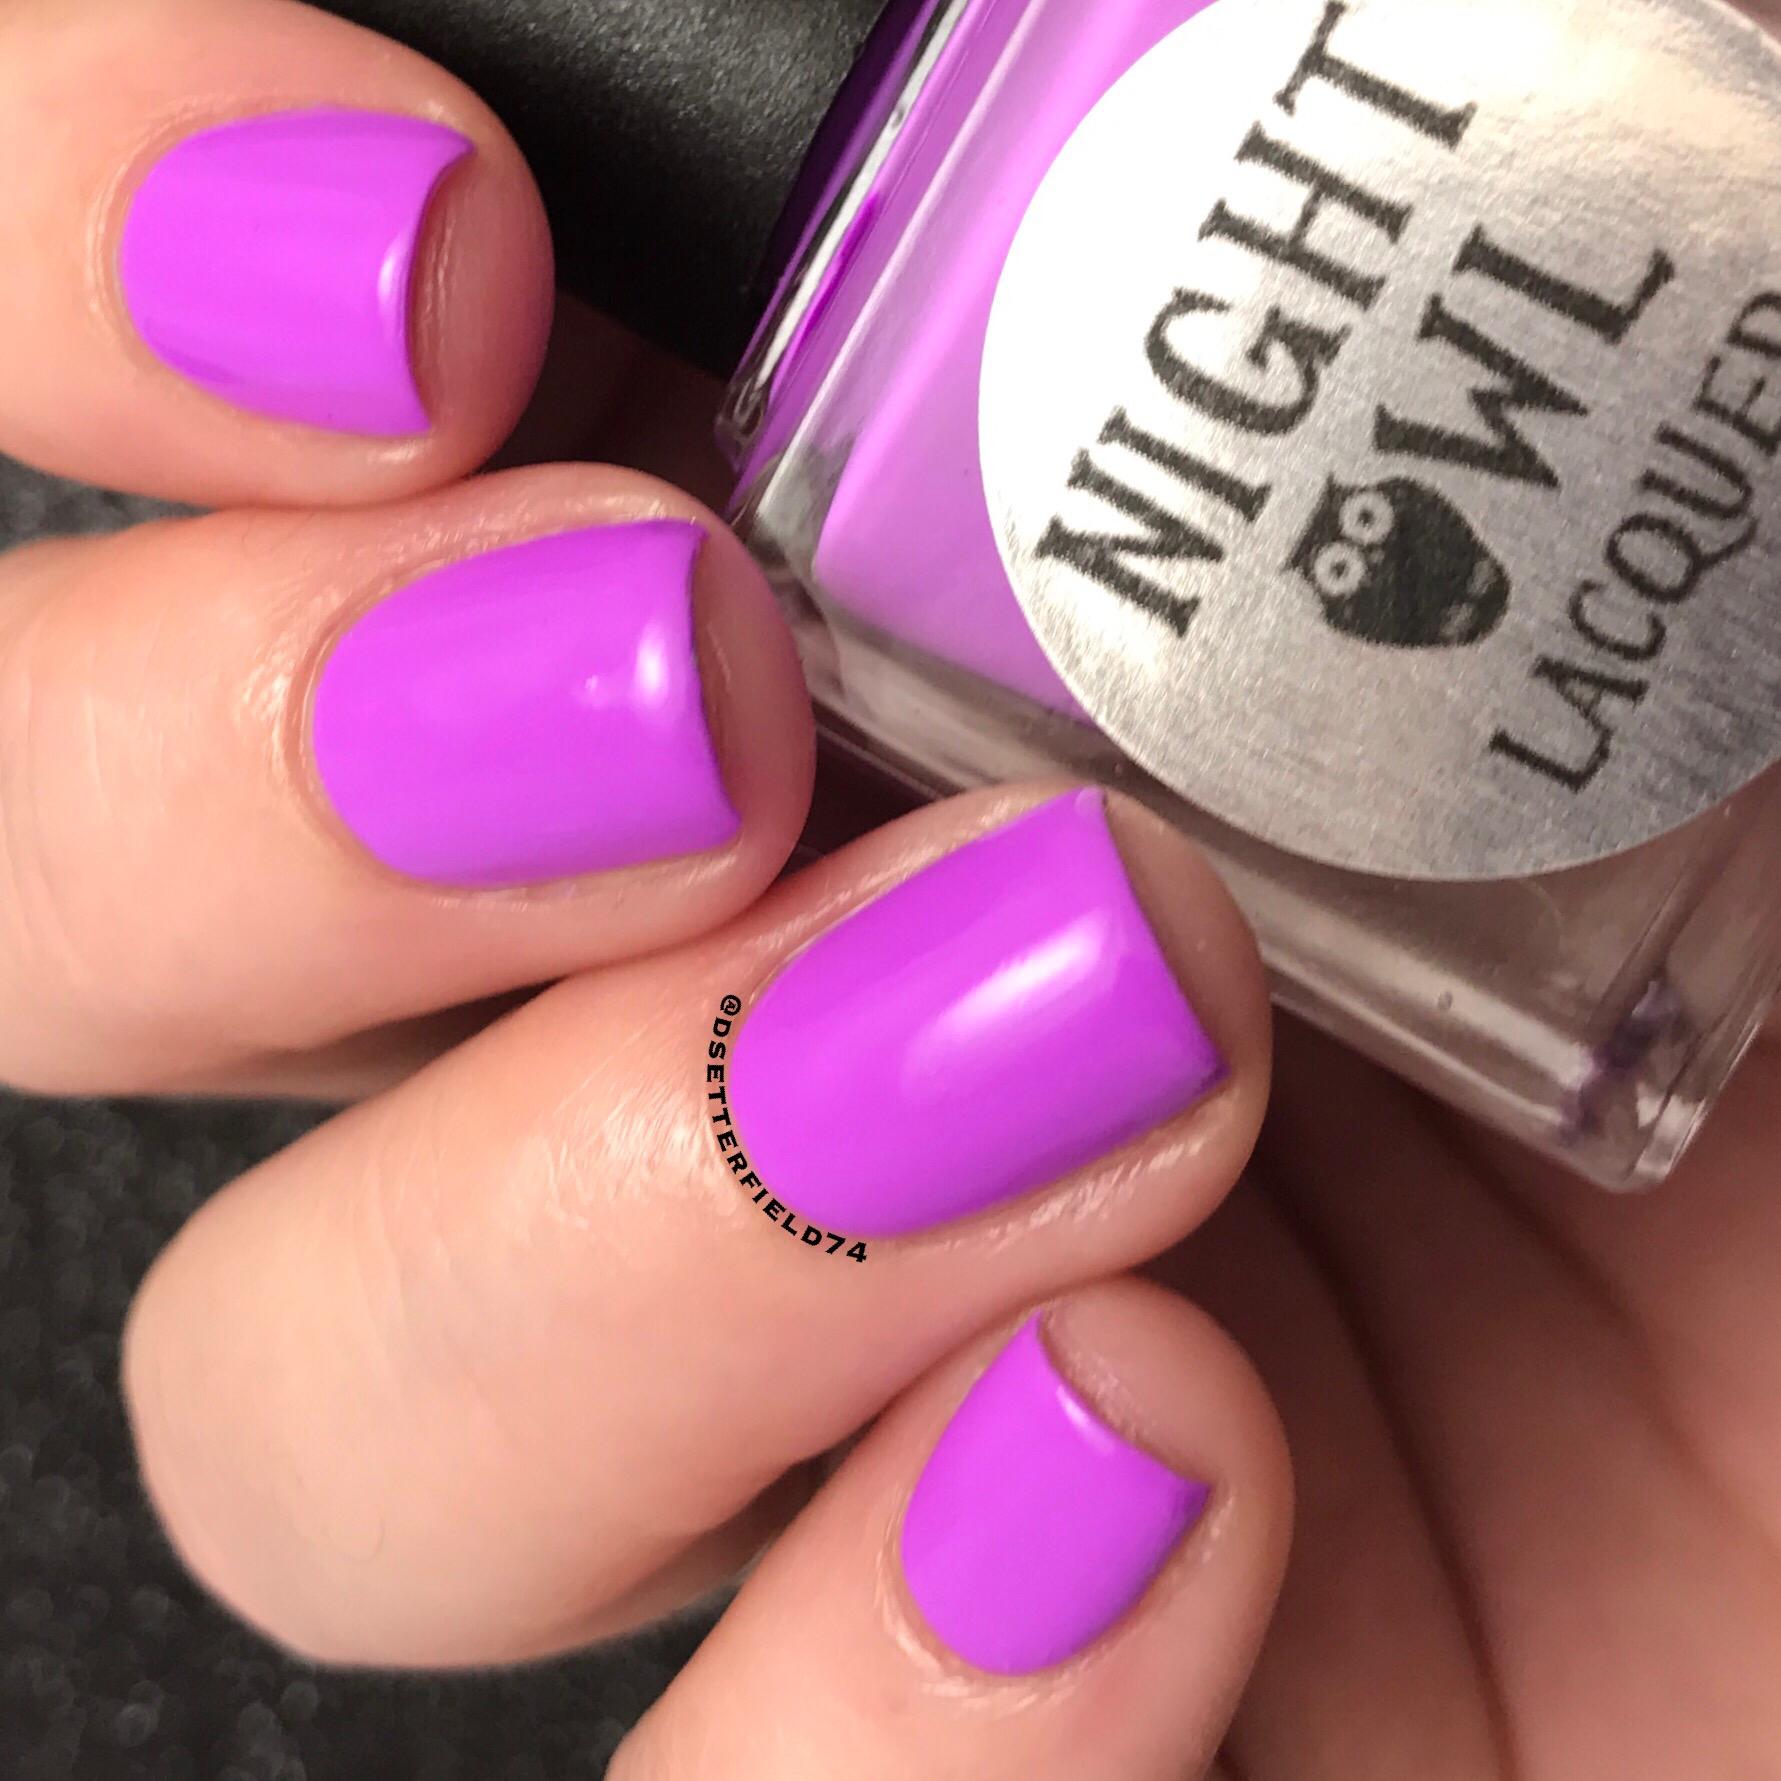 neon nail polish | Snacks On Rotation